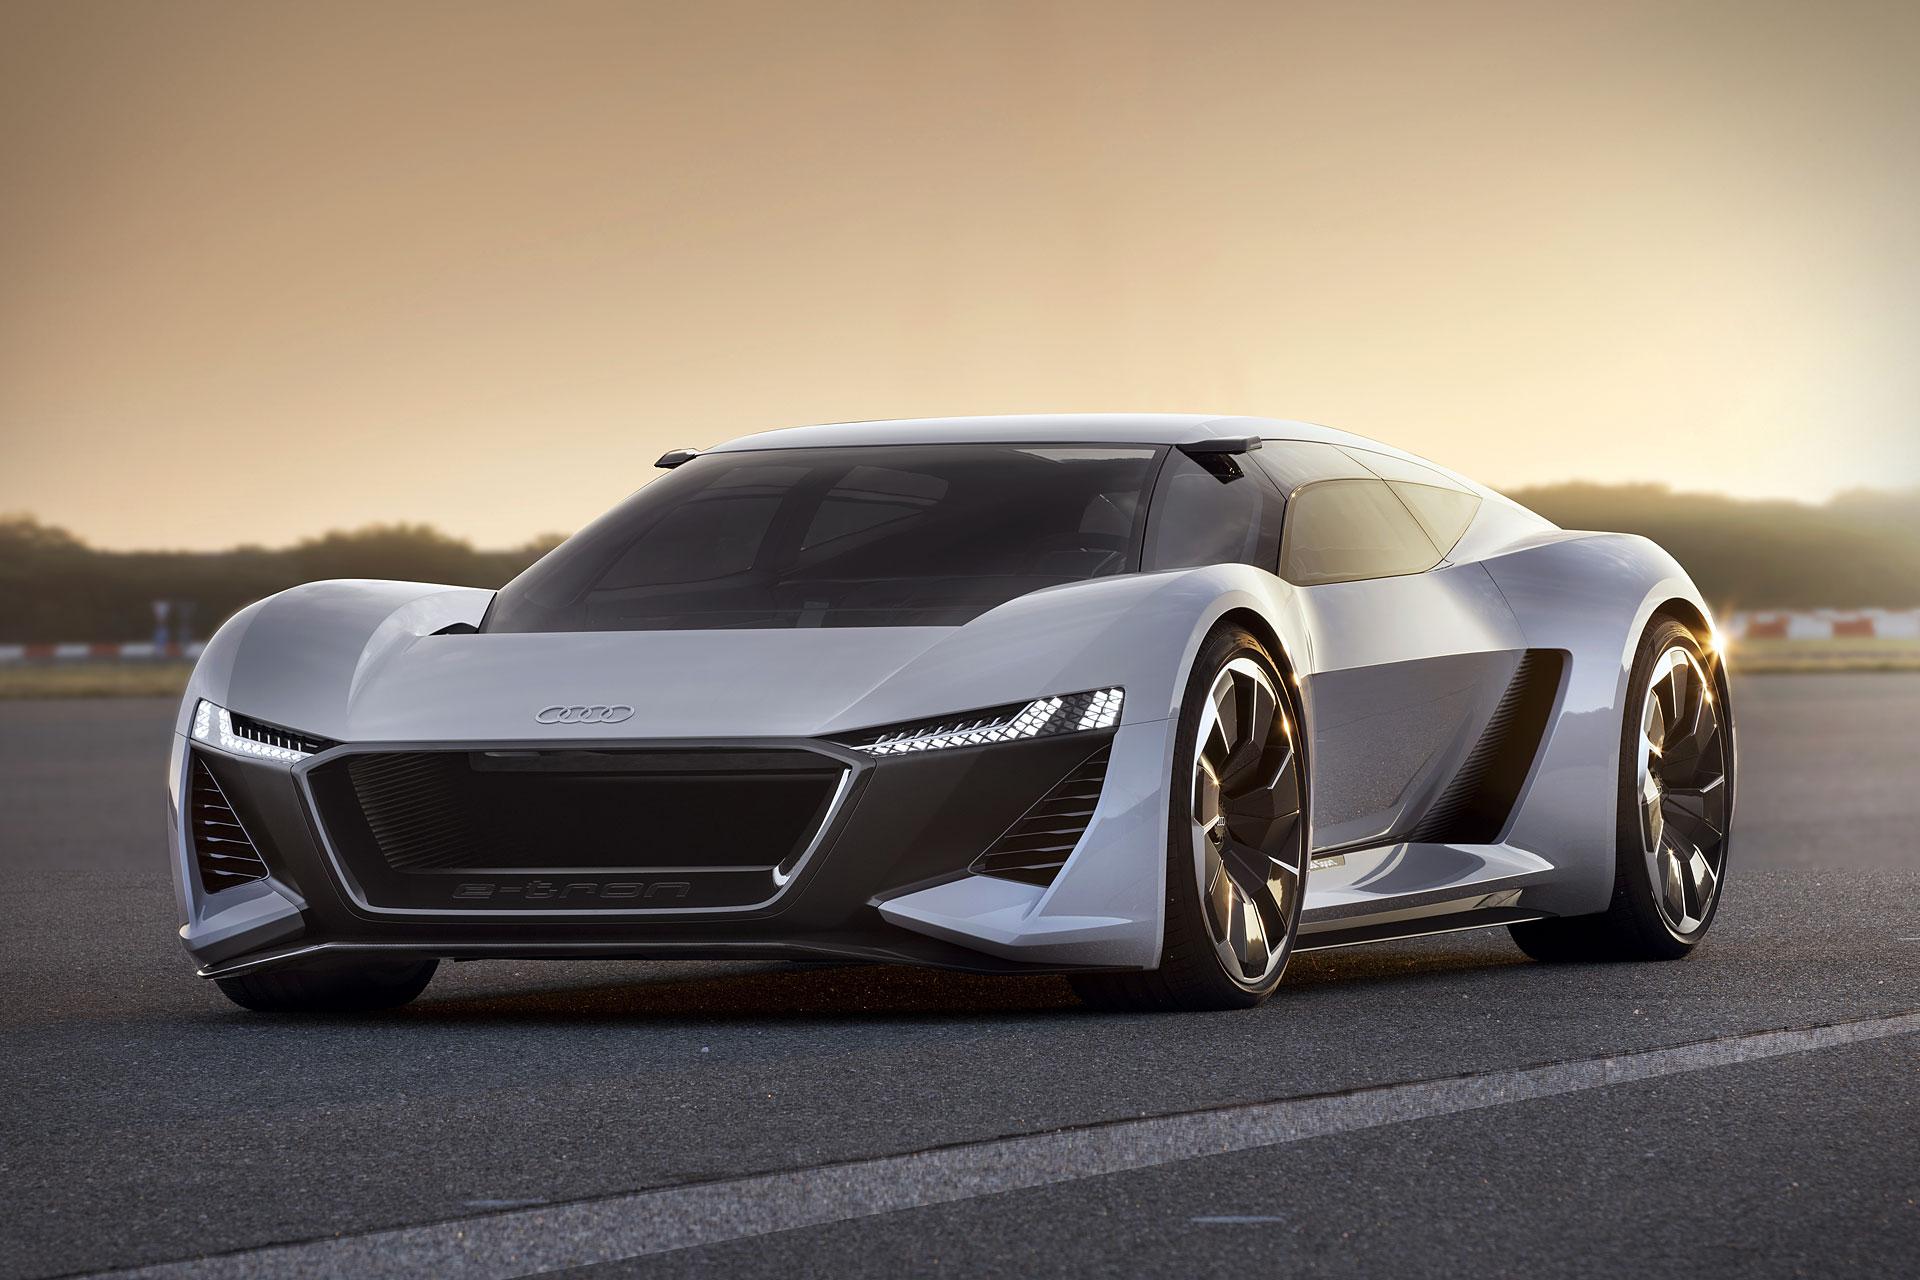 Audi Pb 18 E Tron Concept Car Uncrate